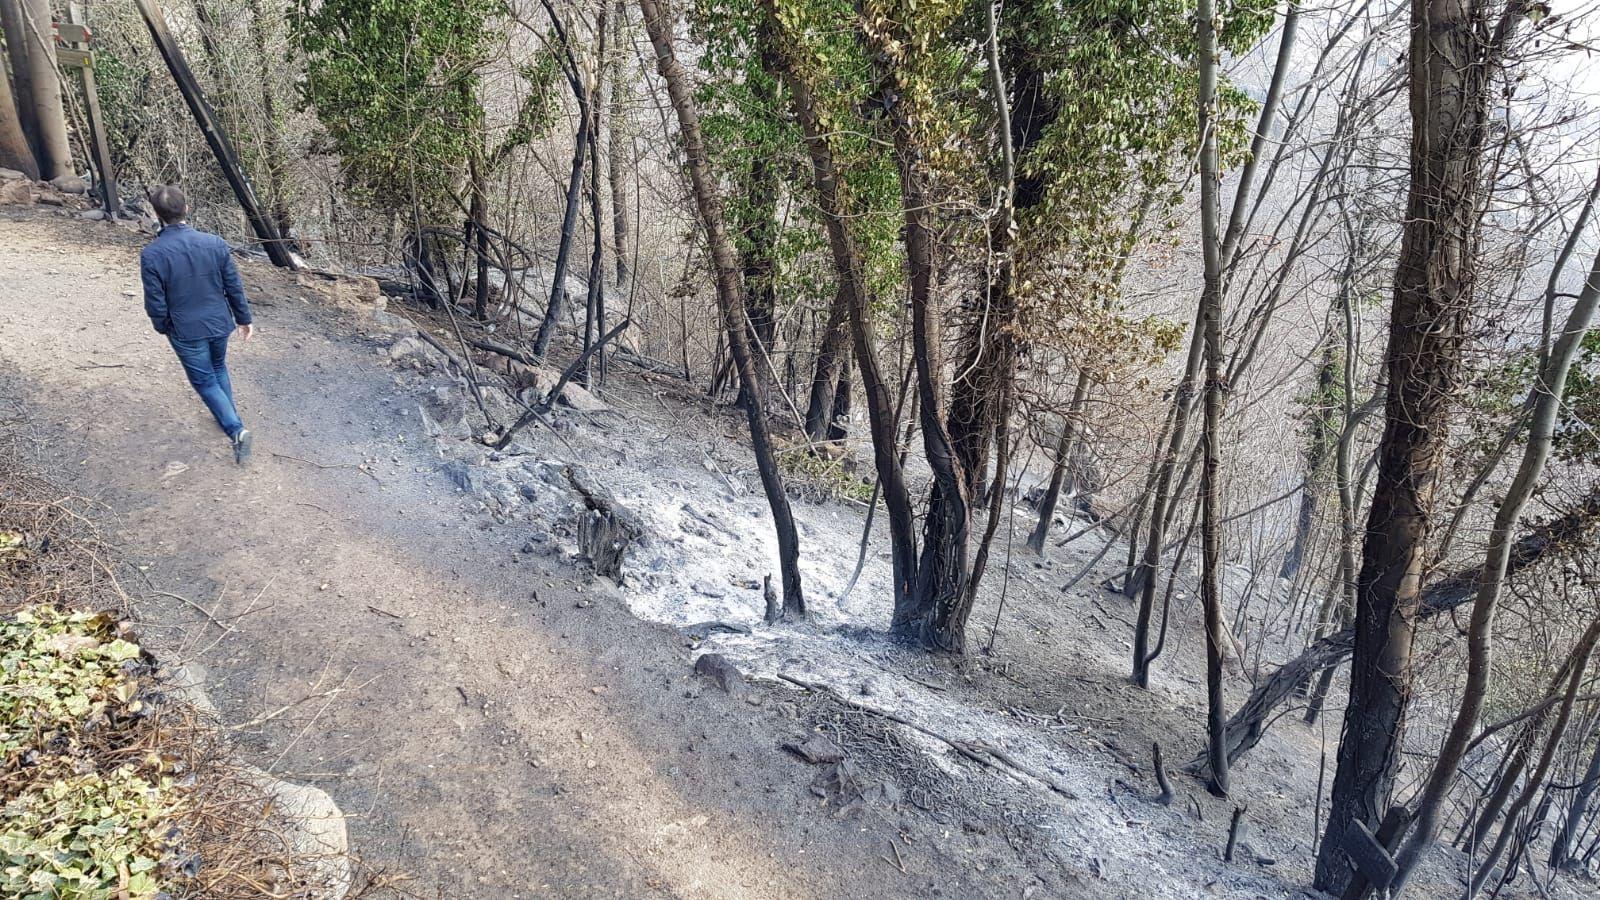 DISASTRO A BELMONTE - L'incendio ha devastato la riserva naturale del Sacro Monte - FOTO e VIDEO